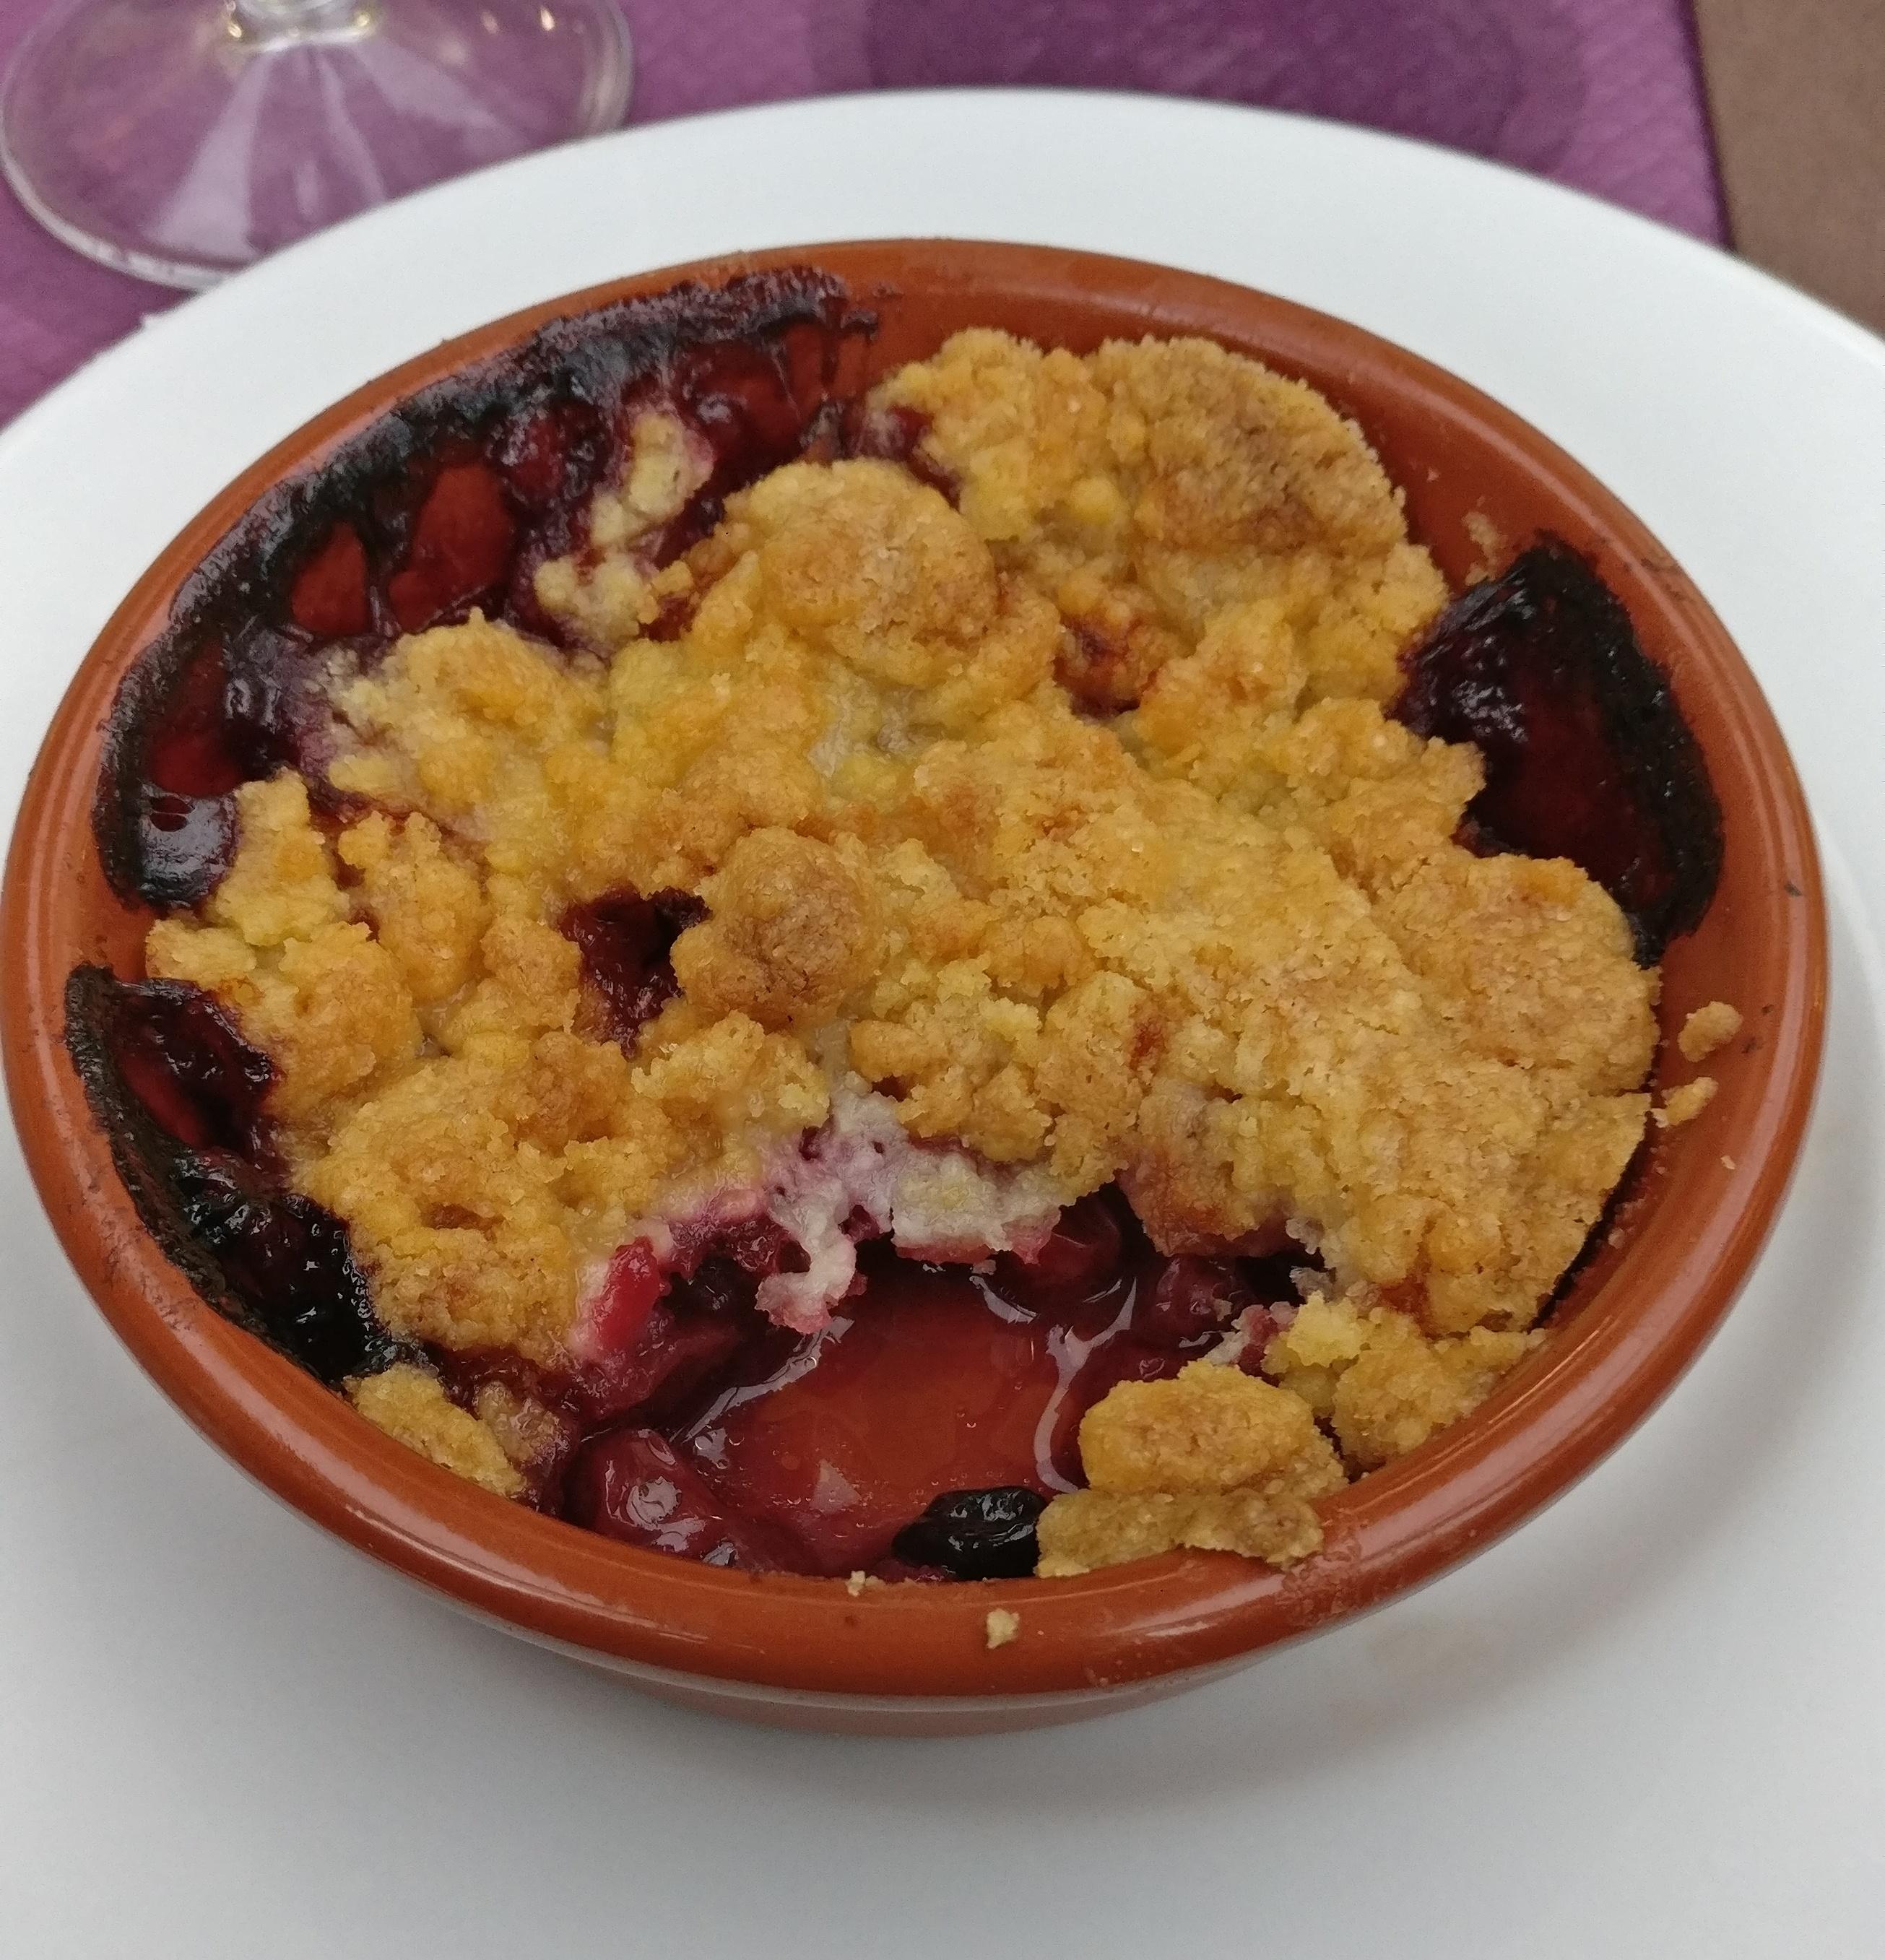 Photo du produit Crumble aux fruits [Restaurant - Le Mélise] prise par Benbb96